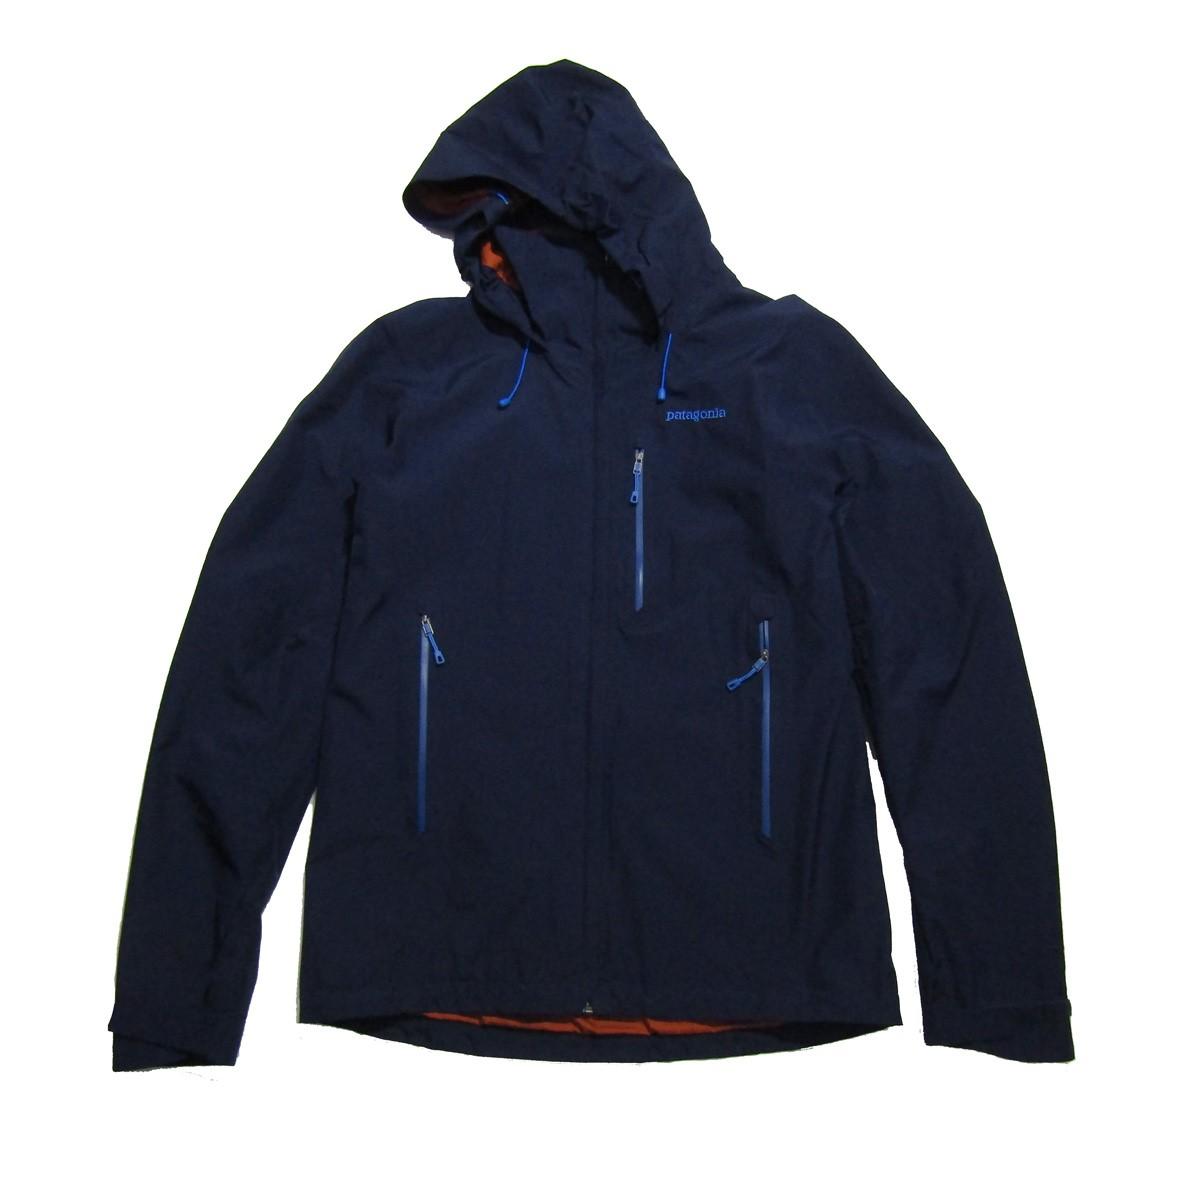 【中古】patagonia 2014製 ピオレットジャケット ネイビー サイズ:S 【160420】(パタゴニア)